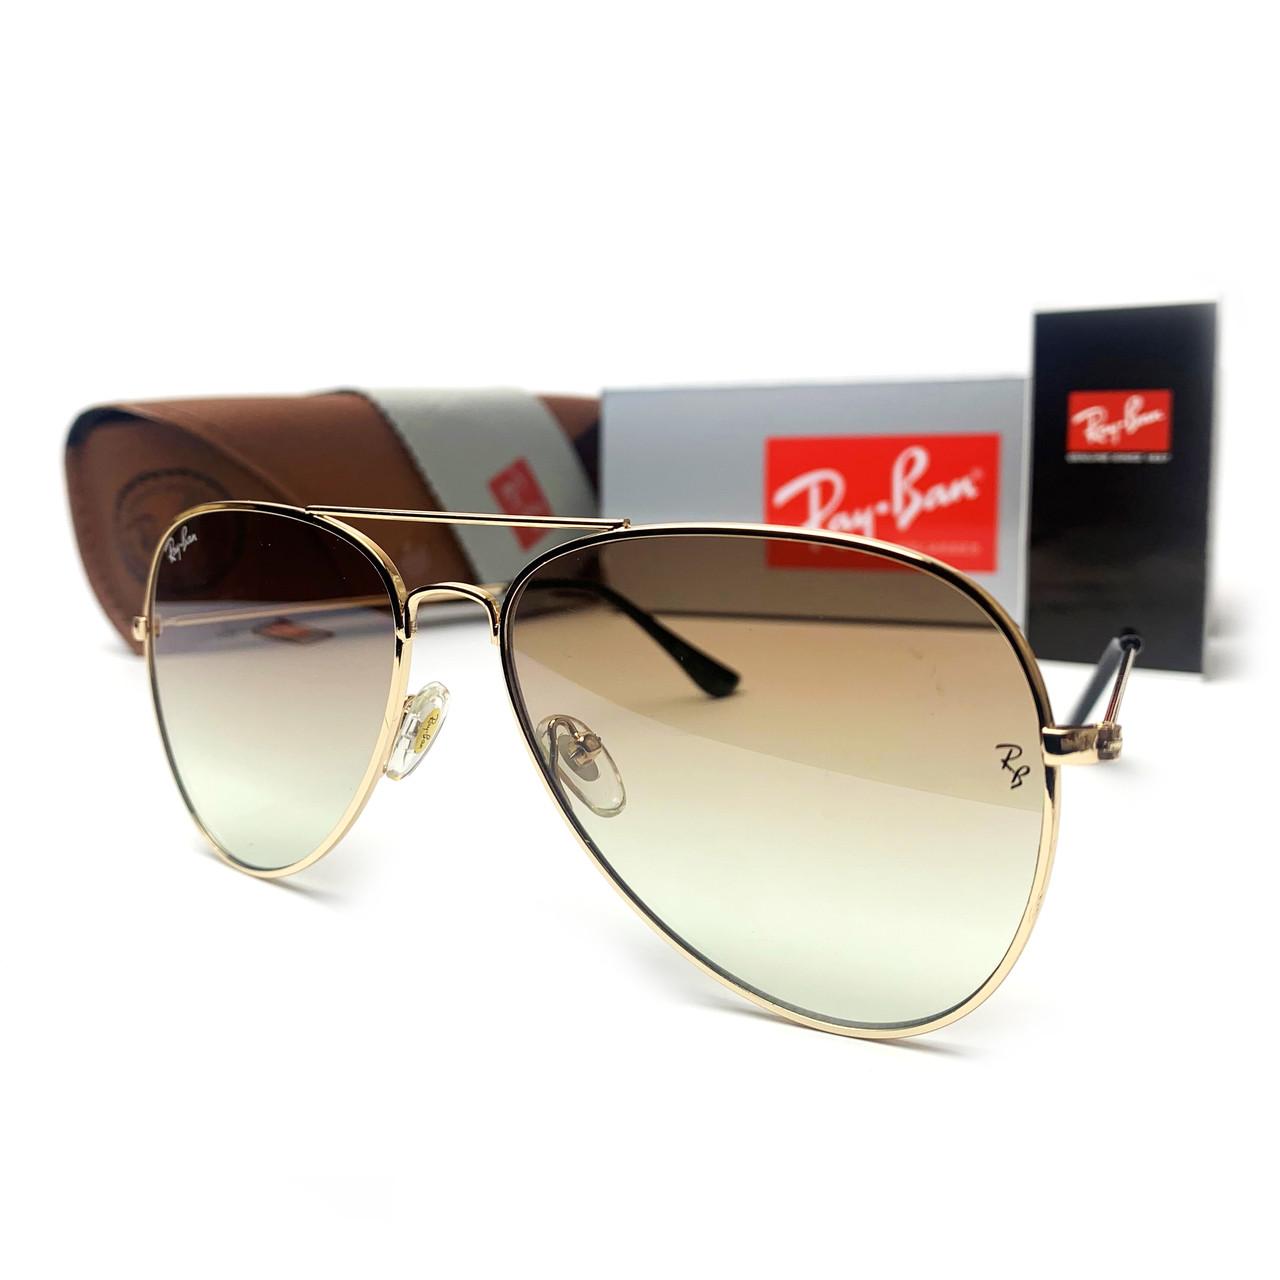 Сонцезахисні окуляри R-B Aviator Краплі 3026 Золото Коричневий Градієнт